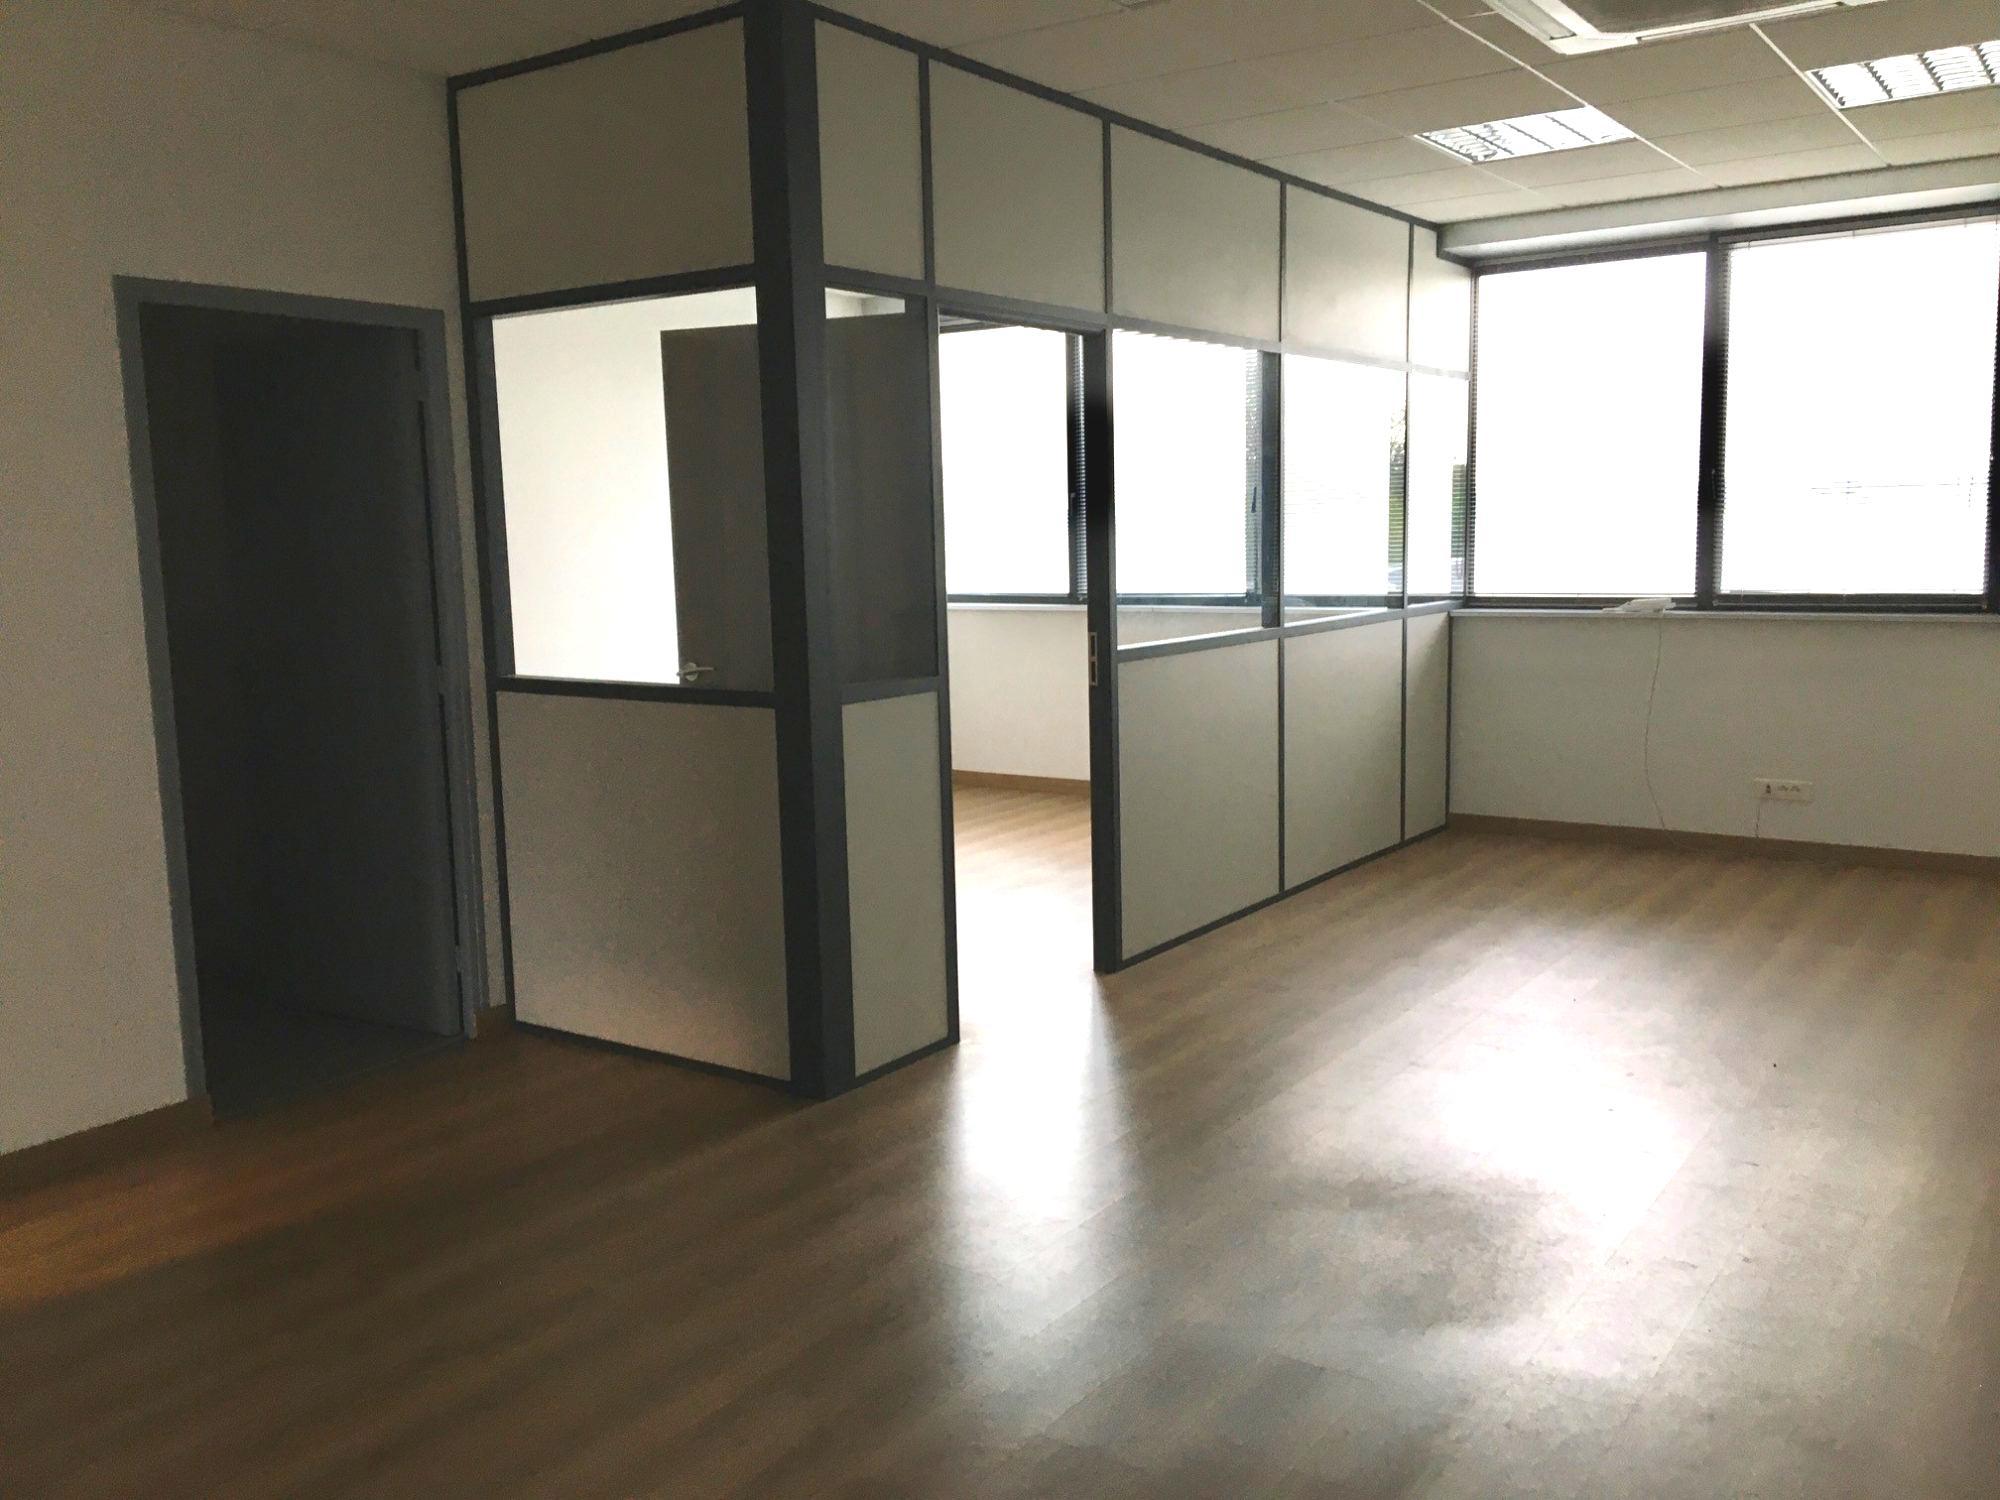 Bureaux cloisonnés 50m² à Bischheim/Hoenheim